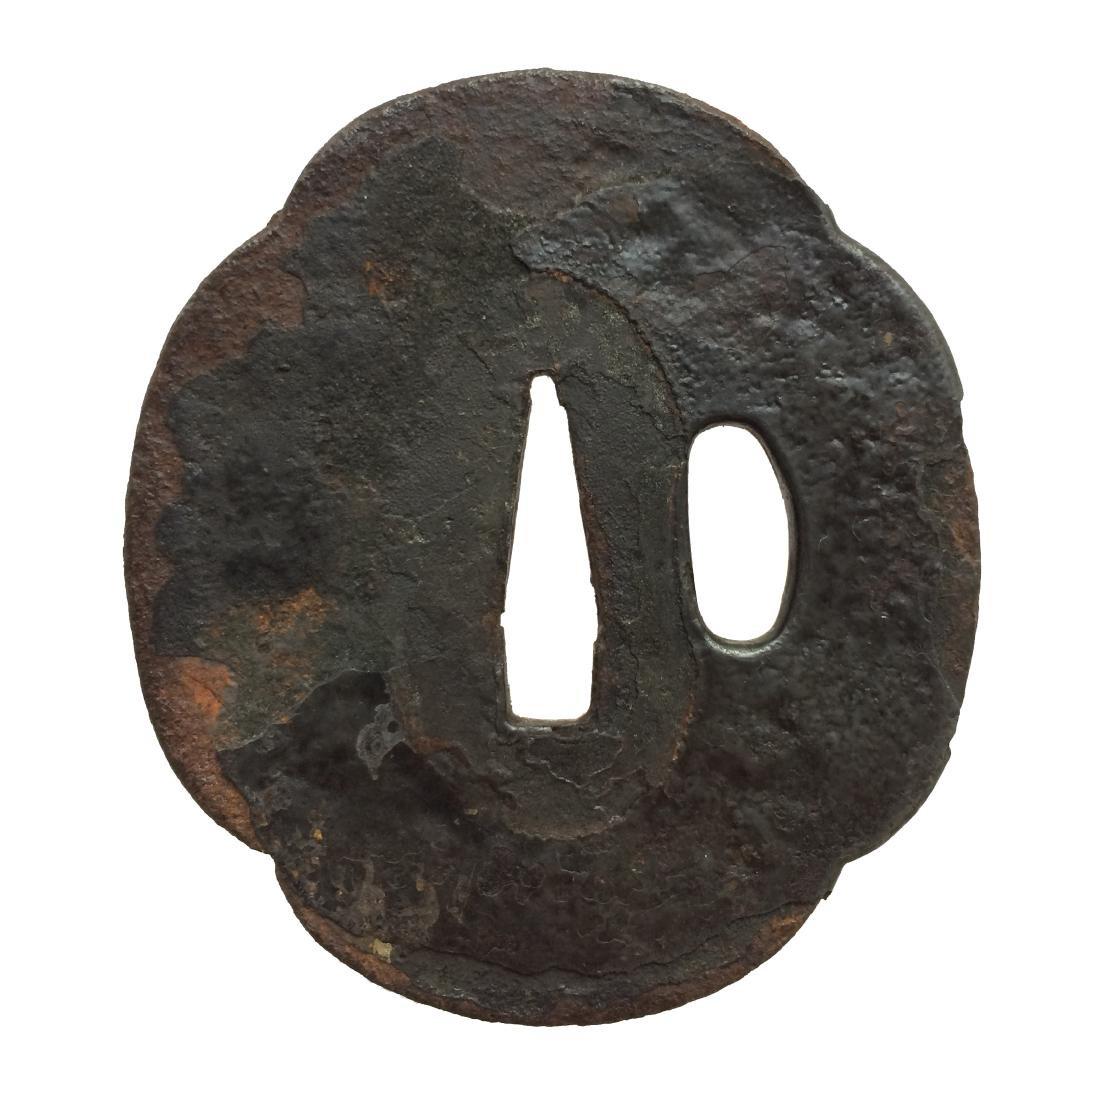 Iron tsuba with a broken umbrella motif - 2